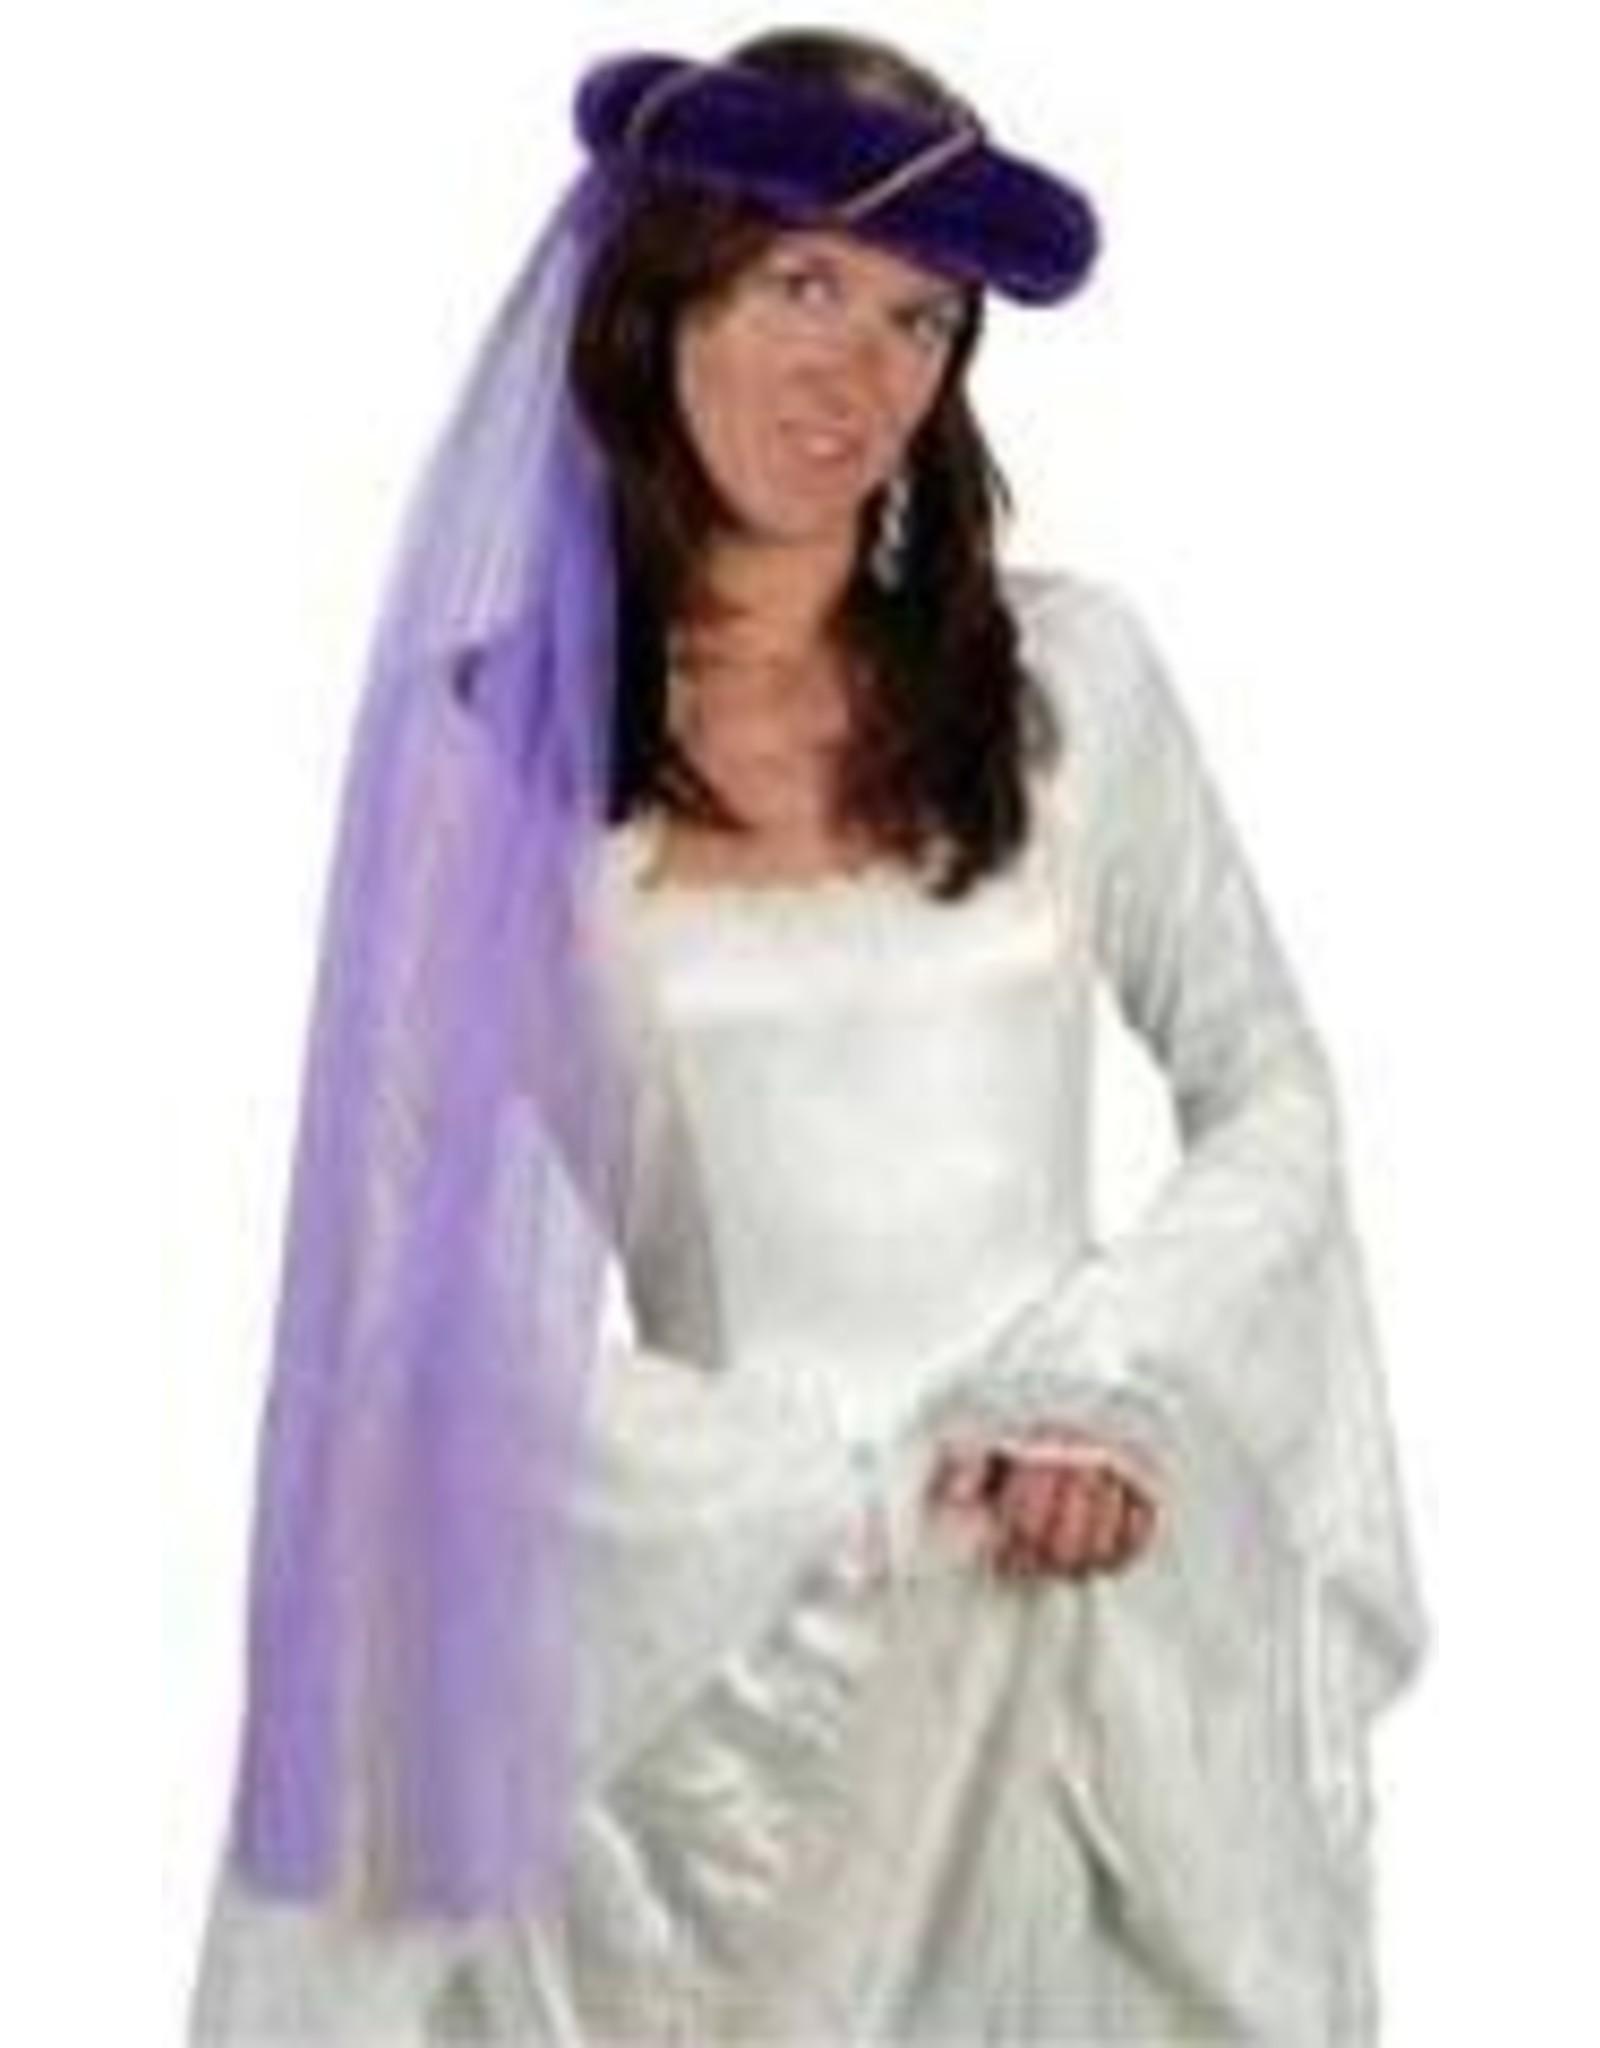 Beistle Maiden Circlet Hat